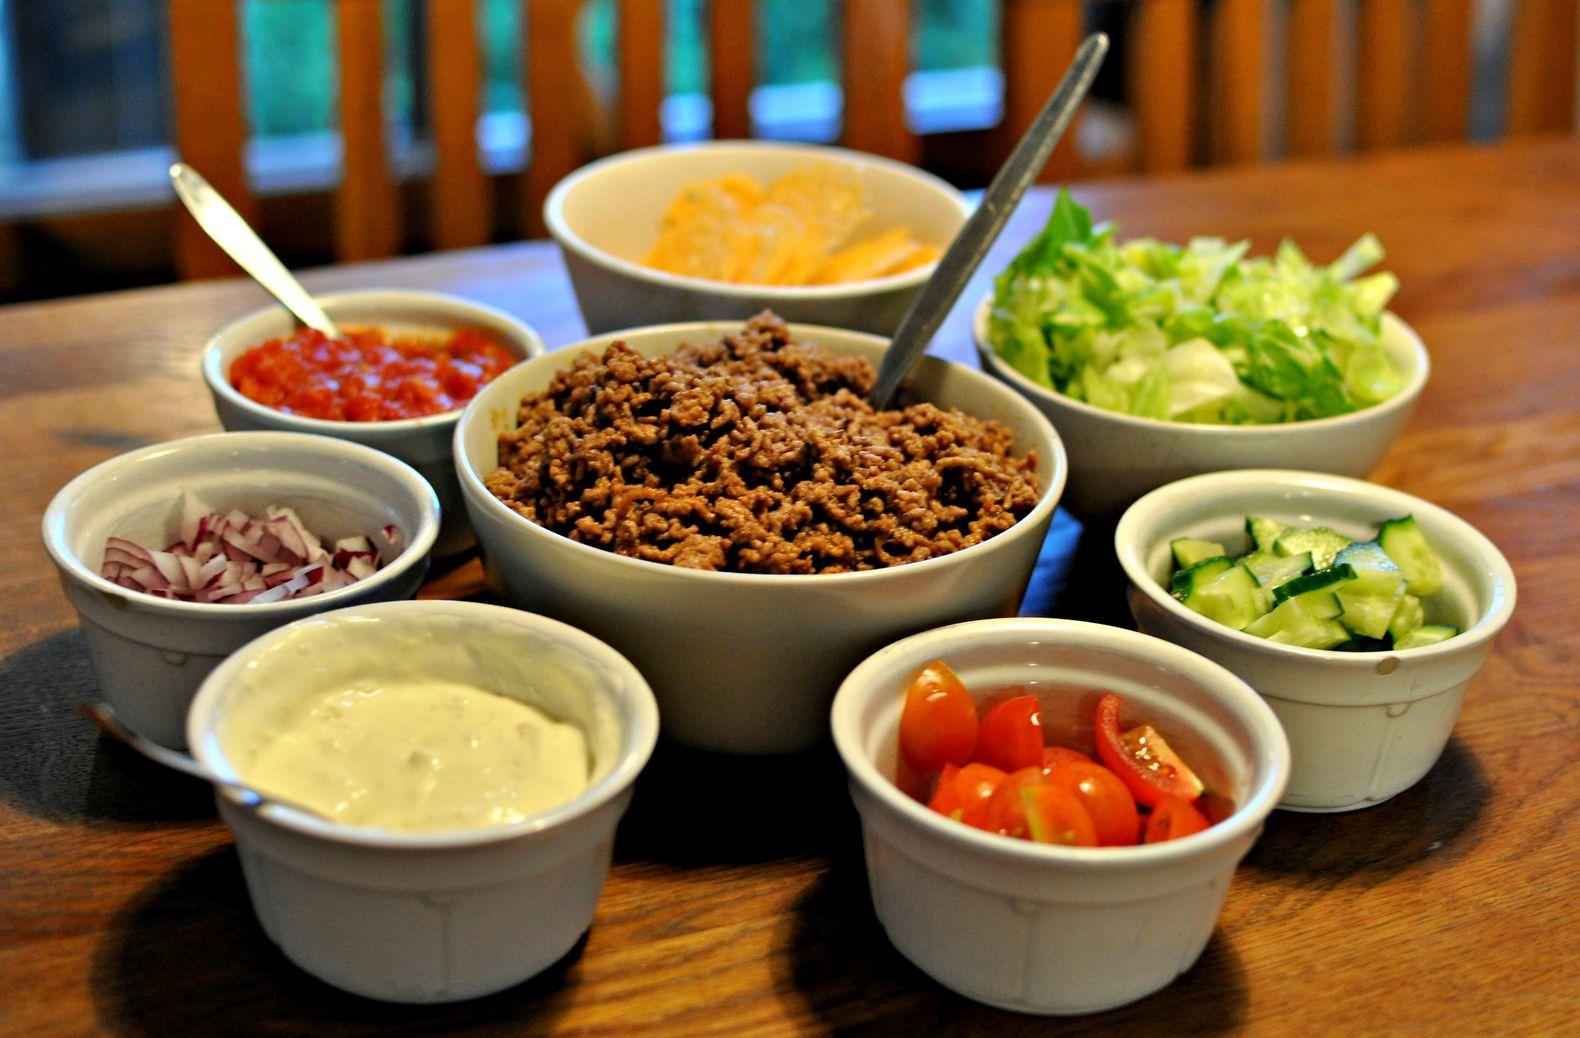 vad ska vi äta på fredag kväll